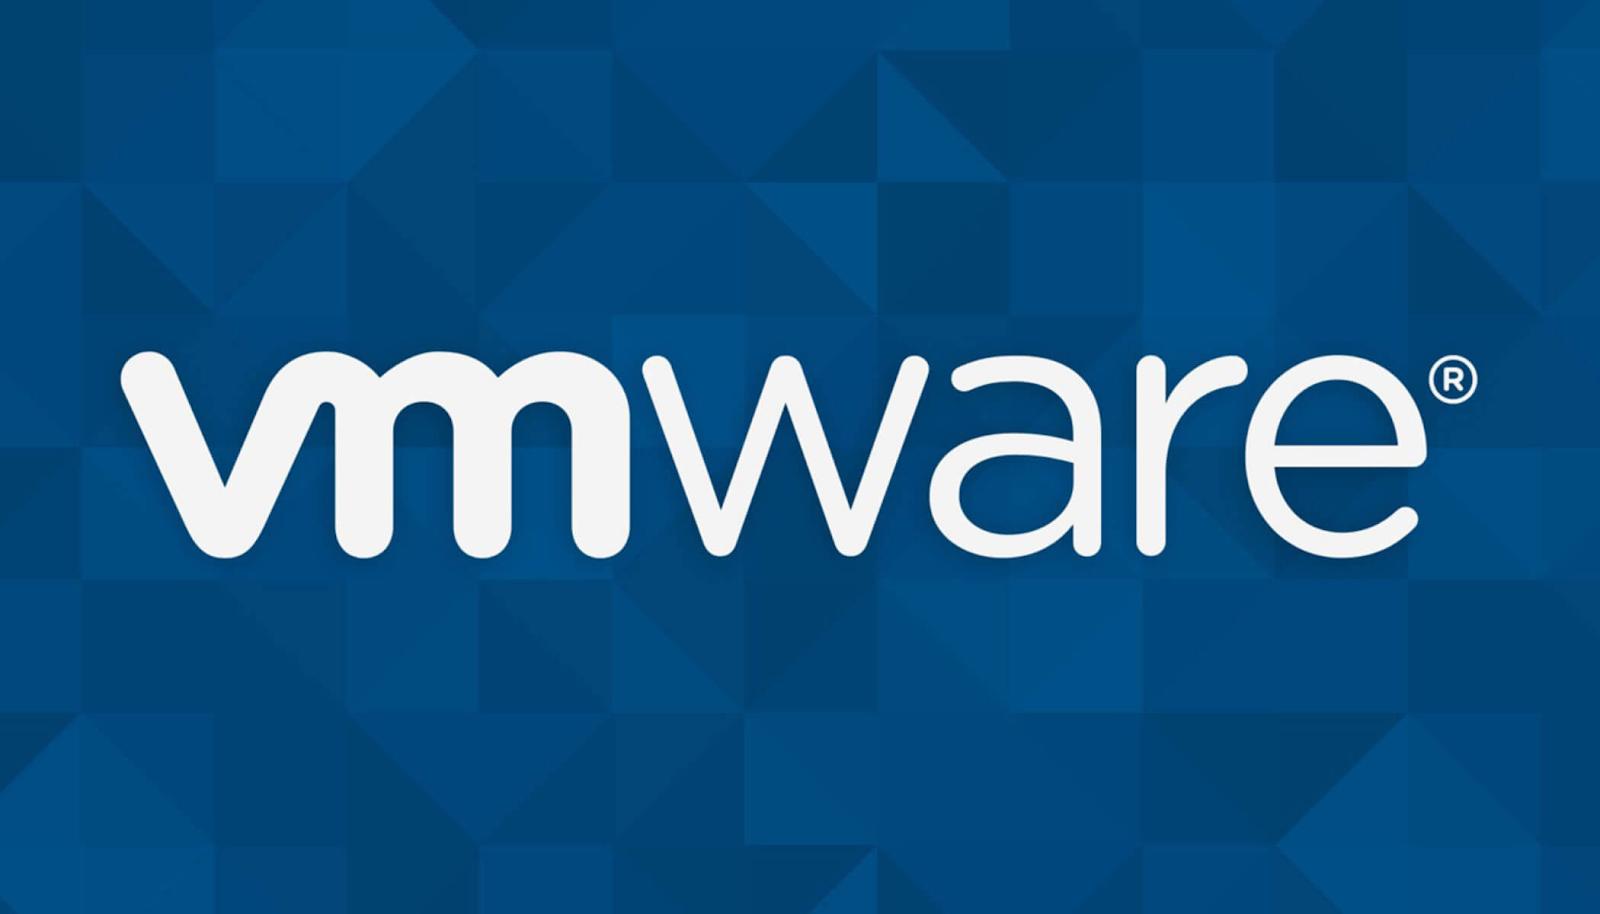 VMware là gì?